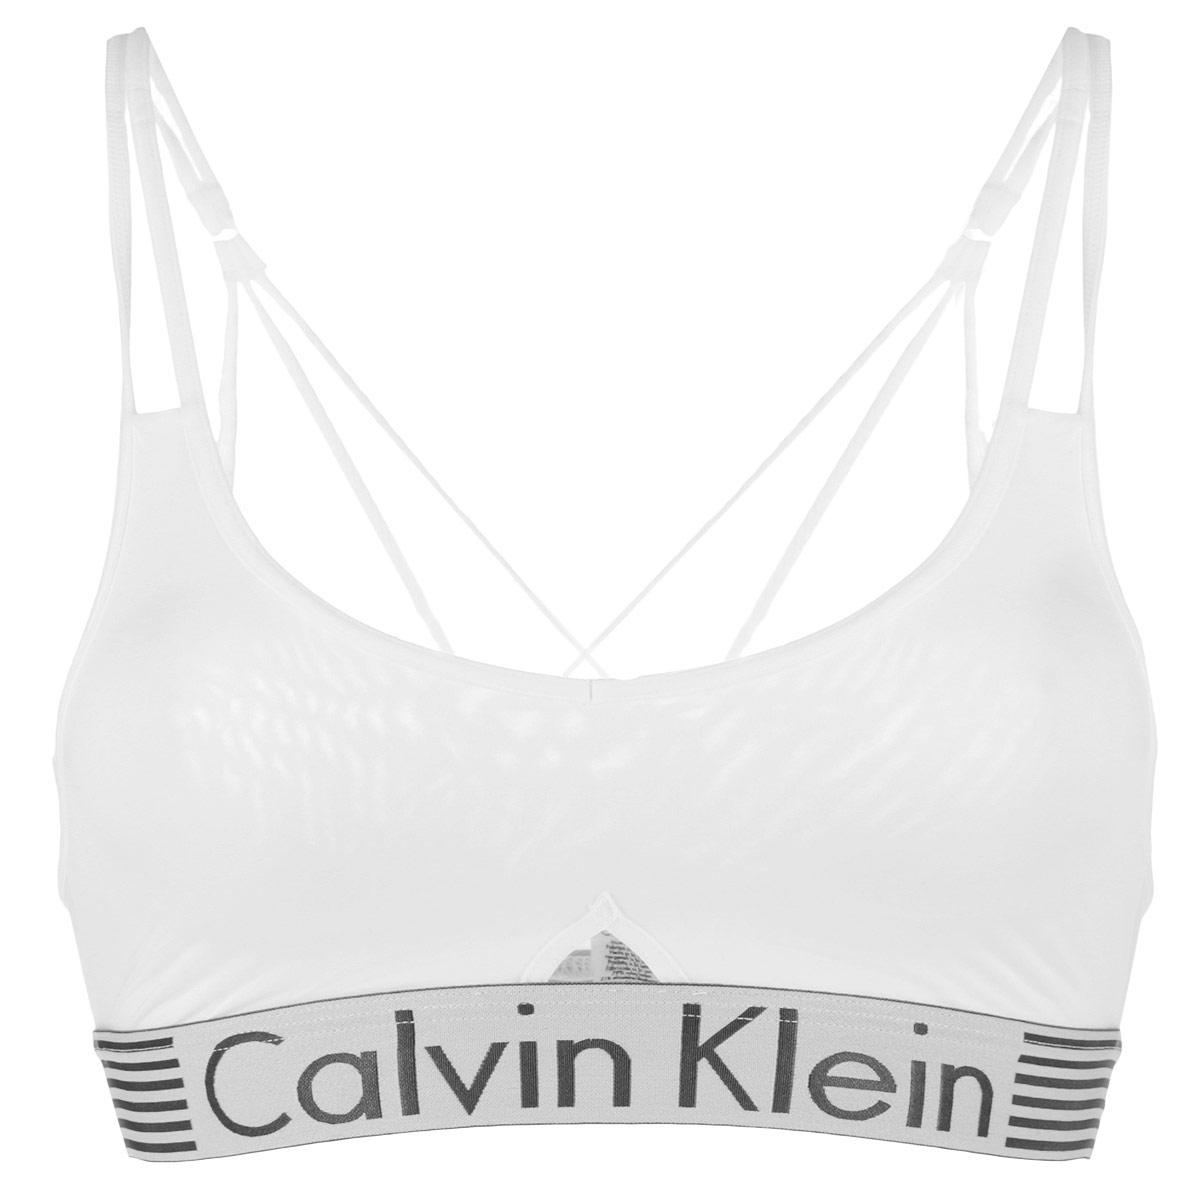 QF1537EУдобный и практичный топ-бра Calvin Klein, выполненный из высококачественного эластичного полиамида, идеально подойдет для активного отдыха и занятий фитнесом, а также для повседневной носки. Модель на тонких бретелях имеет широкий эластичный пояс, украшенный логотипом производителя. Тонкие несъемные бретельки надежно фиксируют топ на плечах. Такая модель подарит вам комфорт в течение дня и станет отличным дополнением к вашему гардеробу.